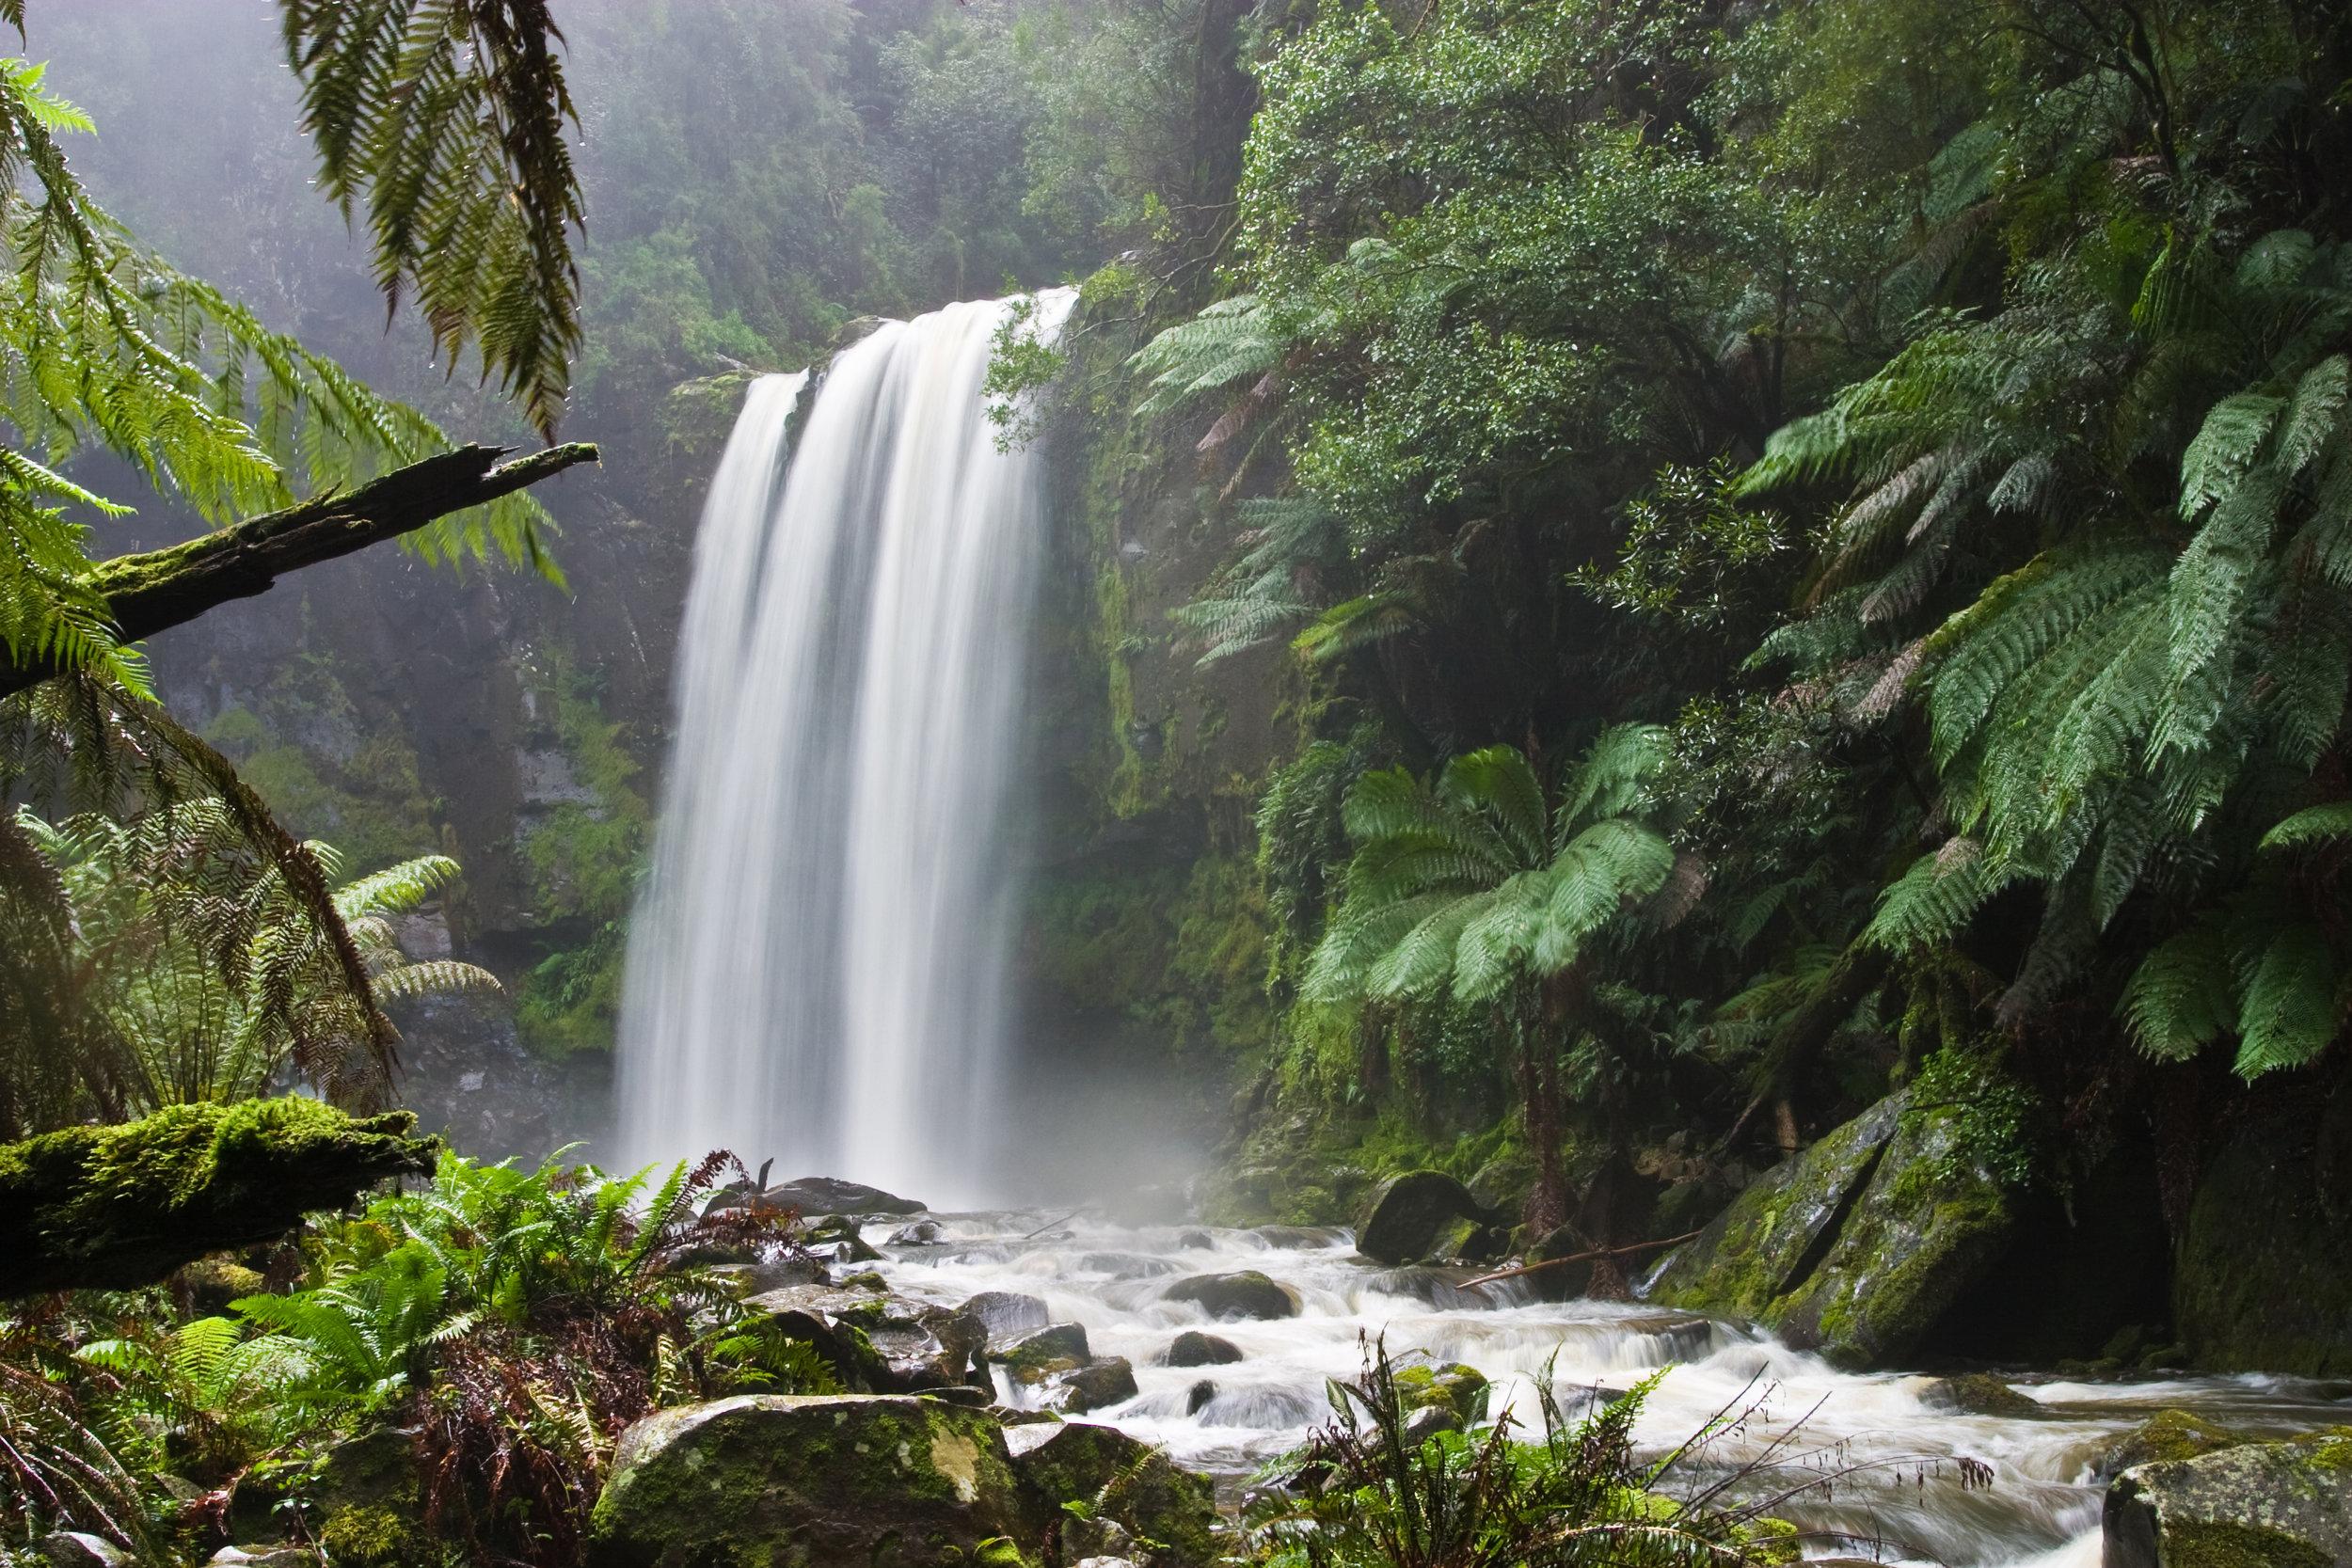 Le son d'une chute ou d'une fontaine crée un bruit de fond en continu qui favorise grandement la concentration.